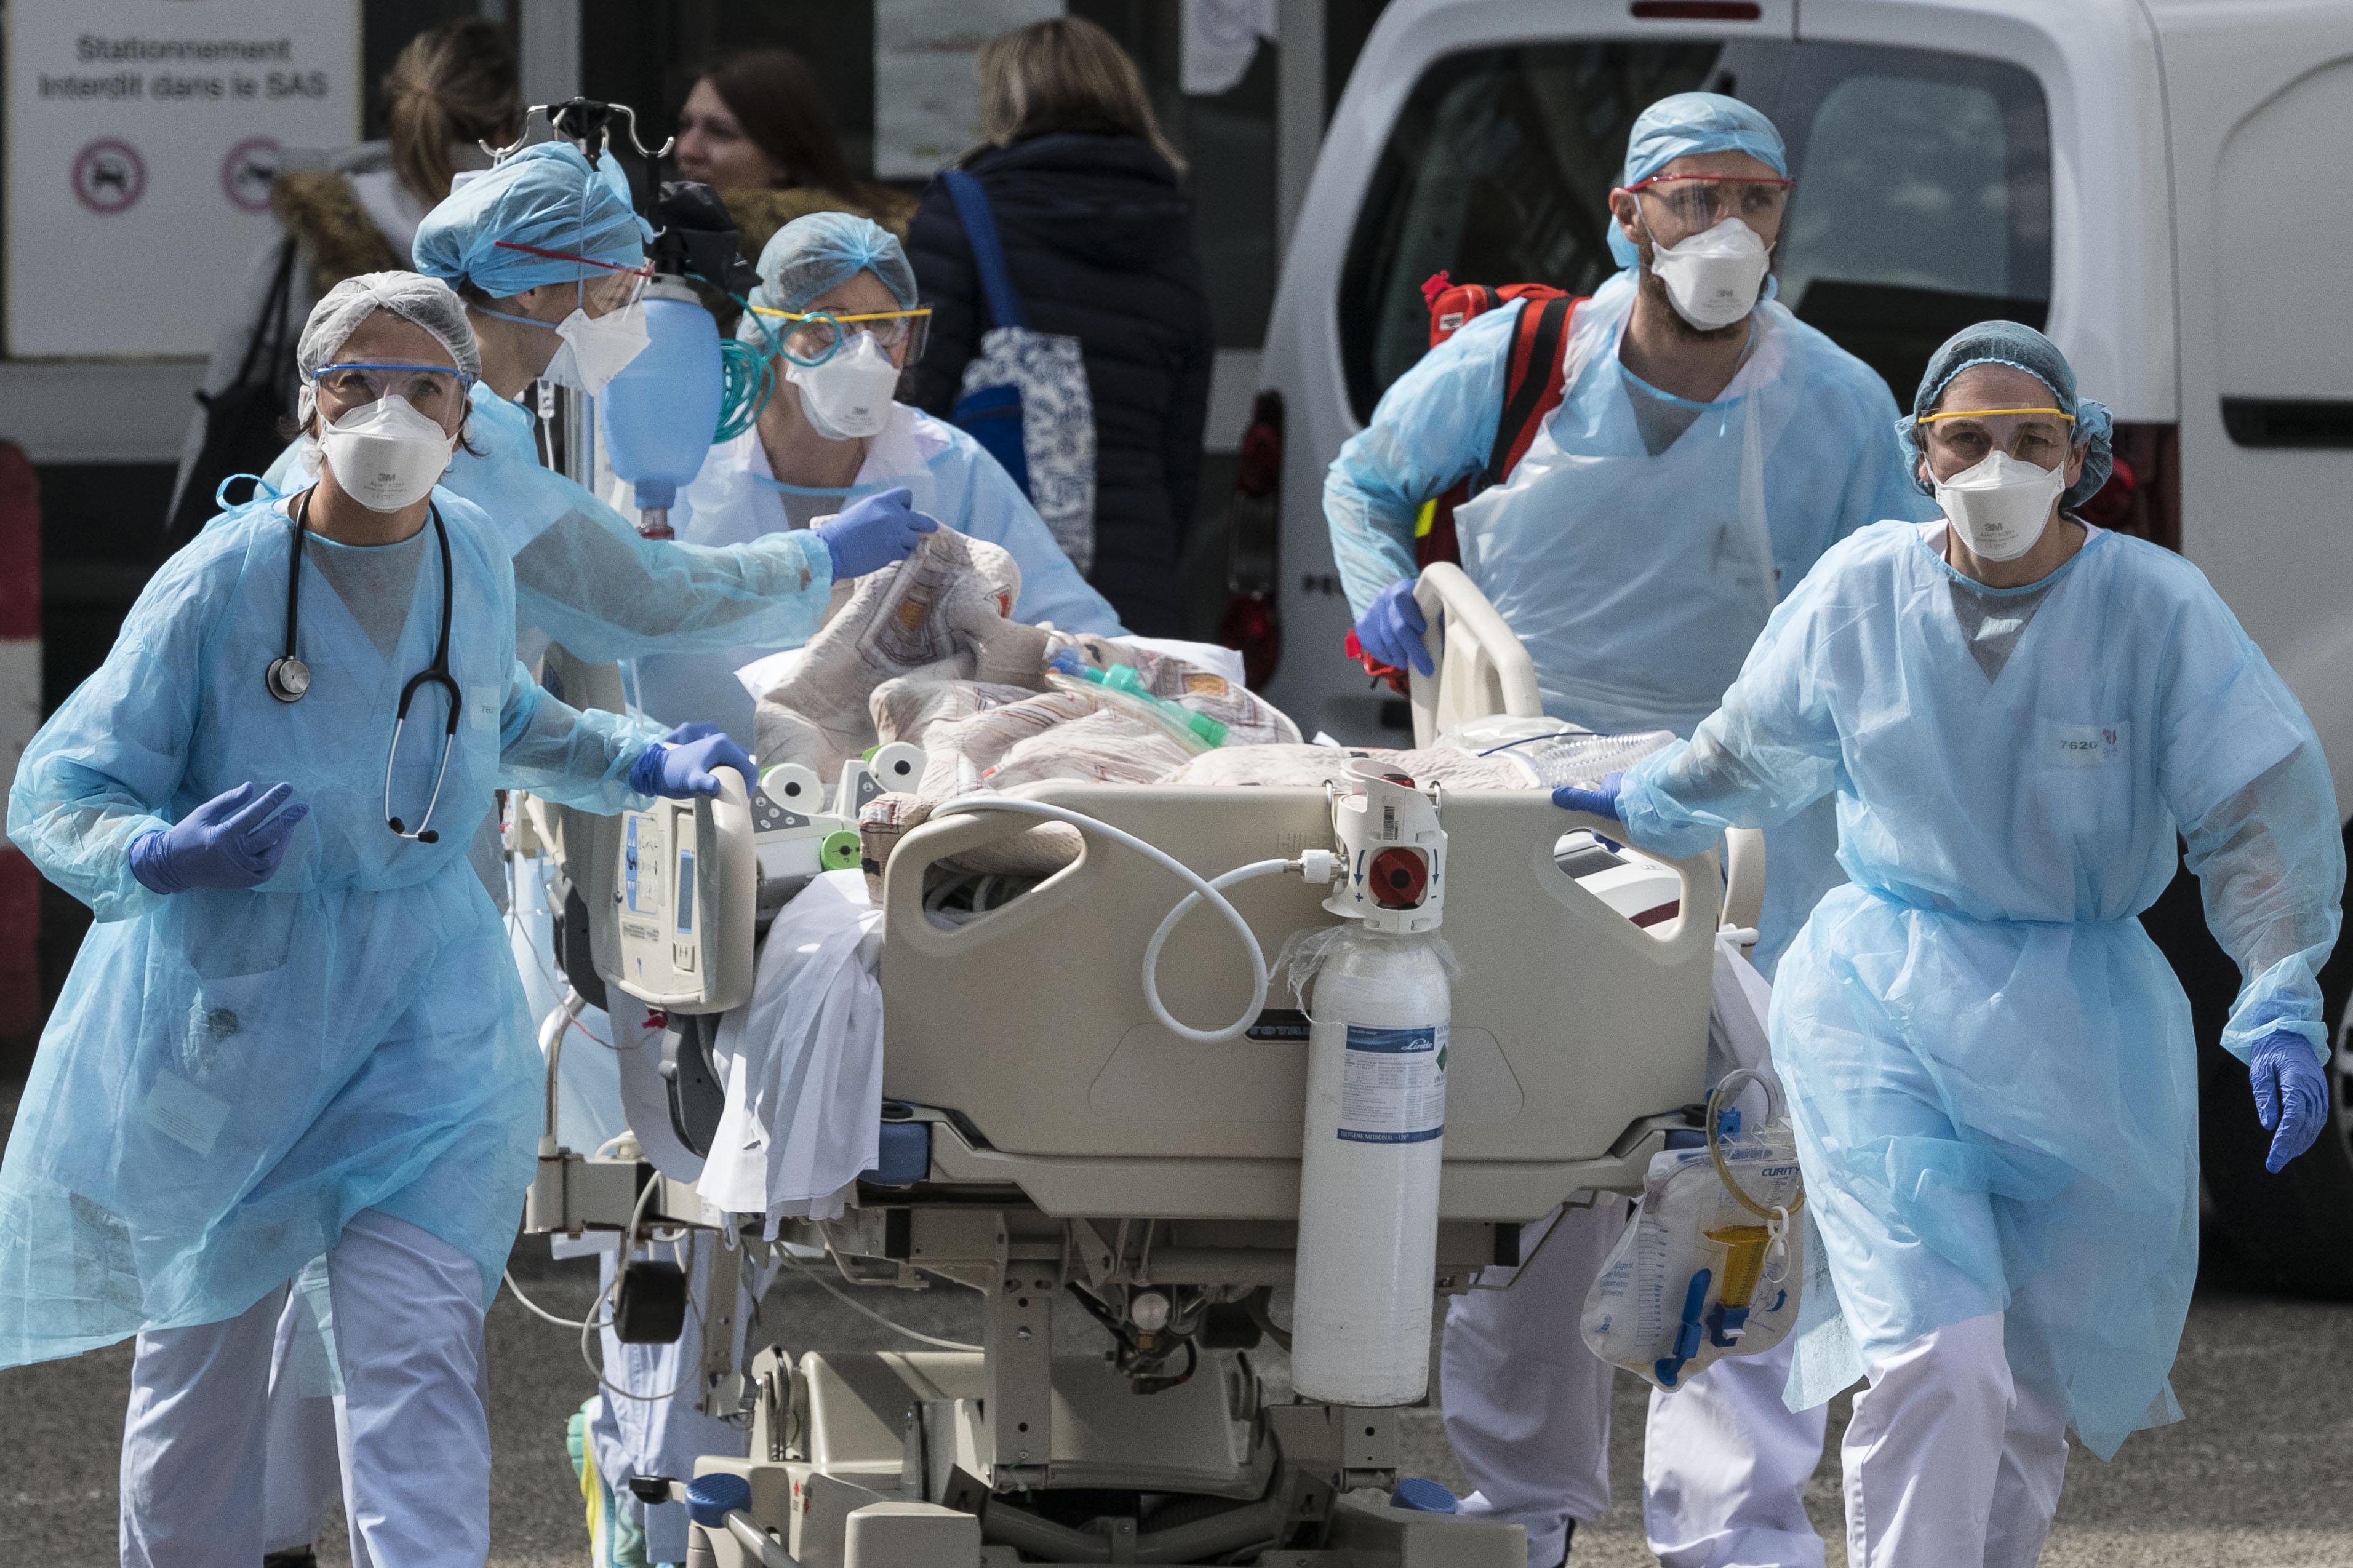 A koronavírusos betegek újraélesztése fertőzésveszélyes, most azon vitatkoznak amerikai orvosok, leálljanak-e vele